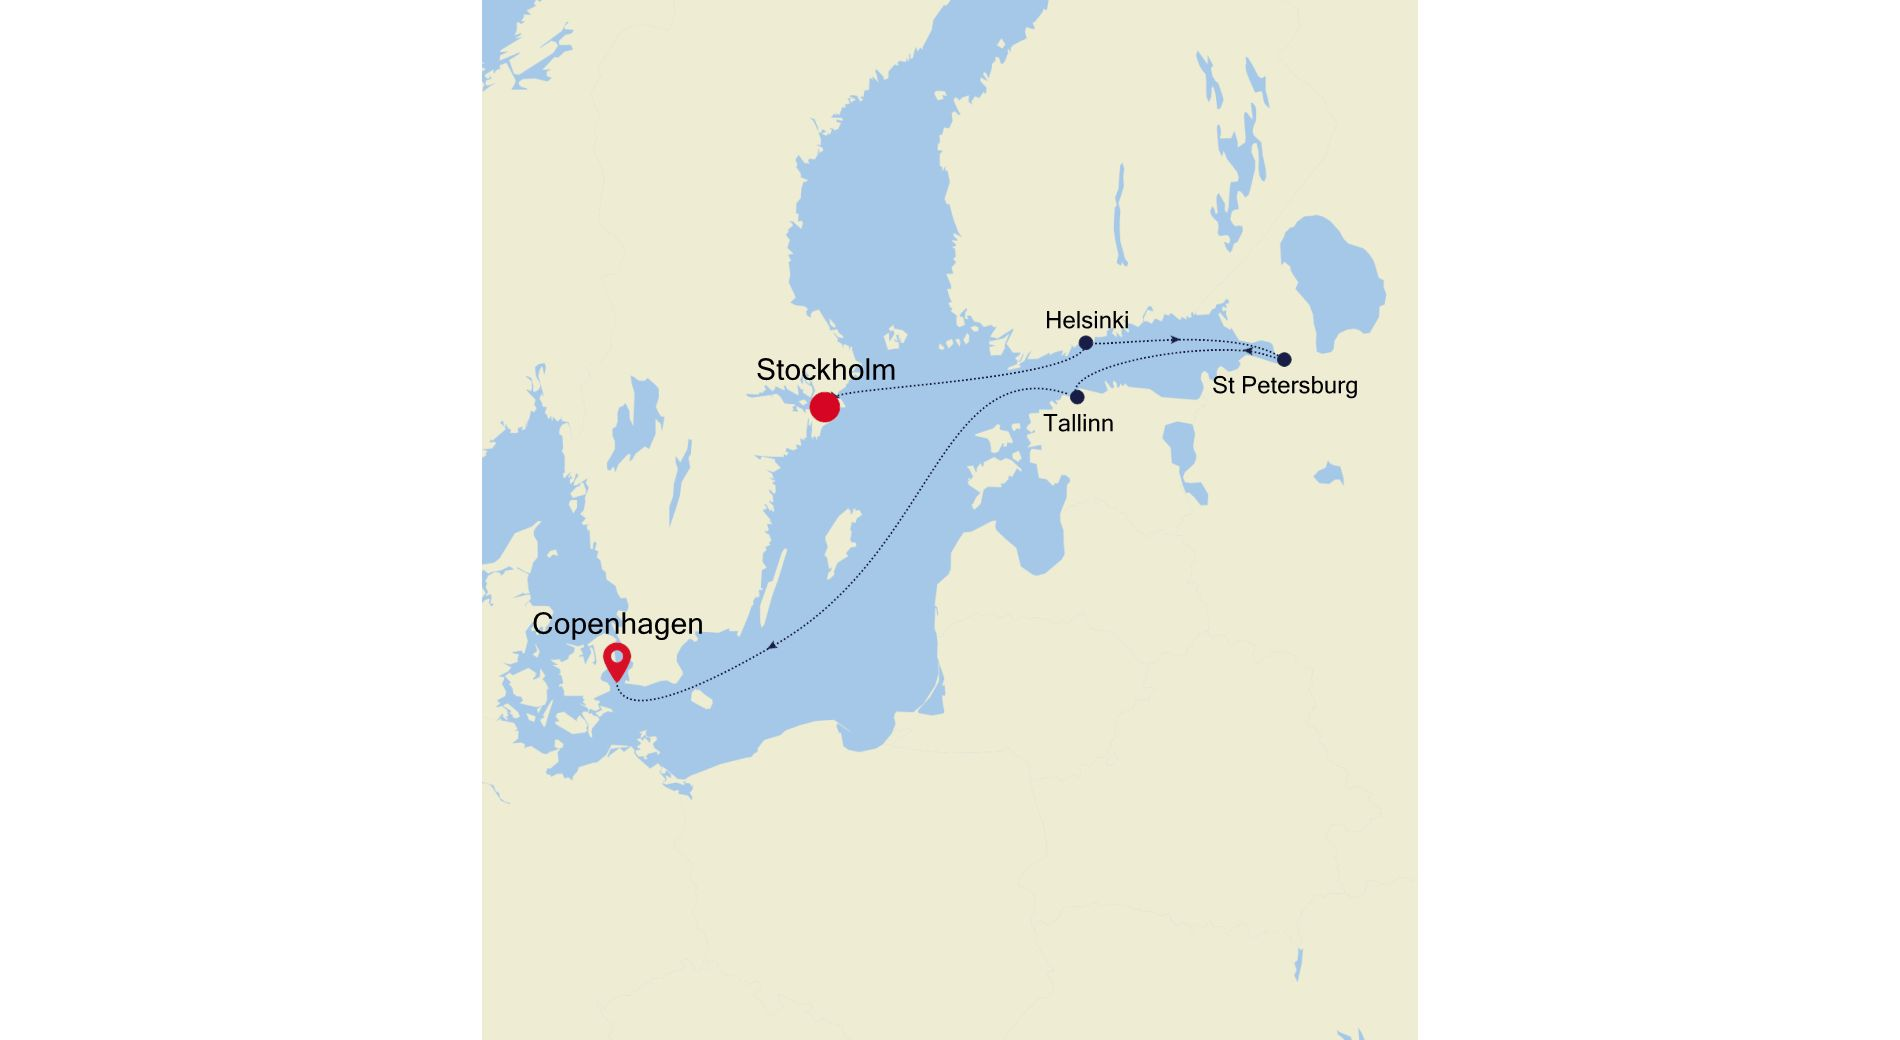 SL210723007 - Stockholm à Copenhagen